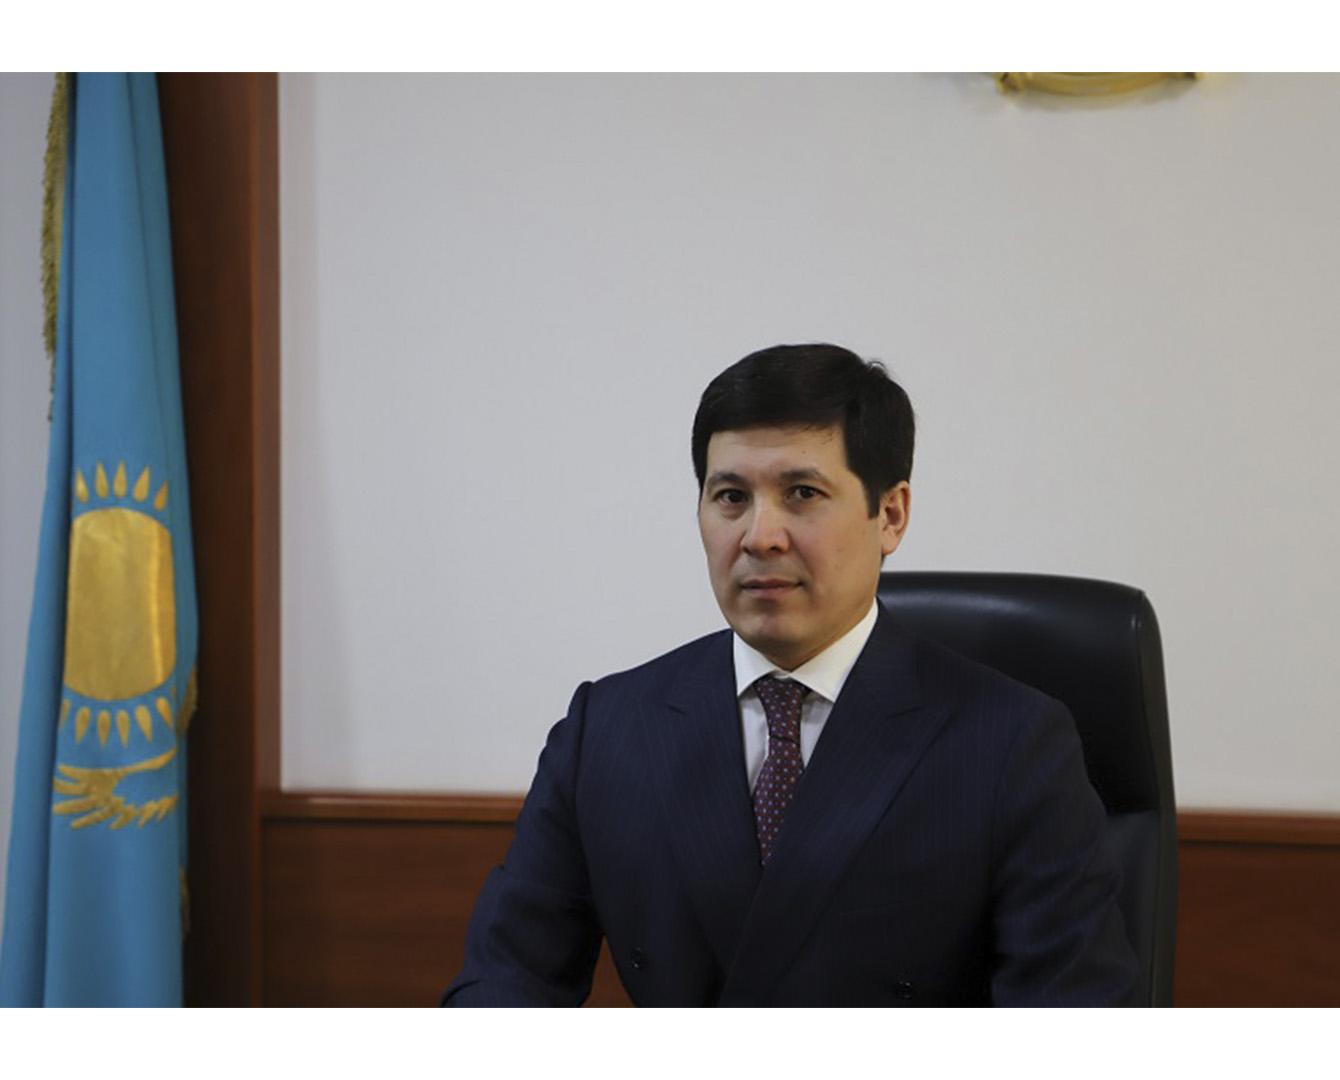 Председателем Комитета финансового мониторинга назначен Абылкаир Скаков